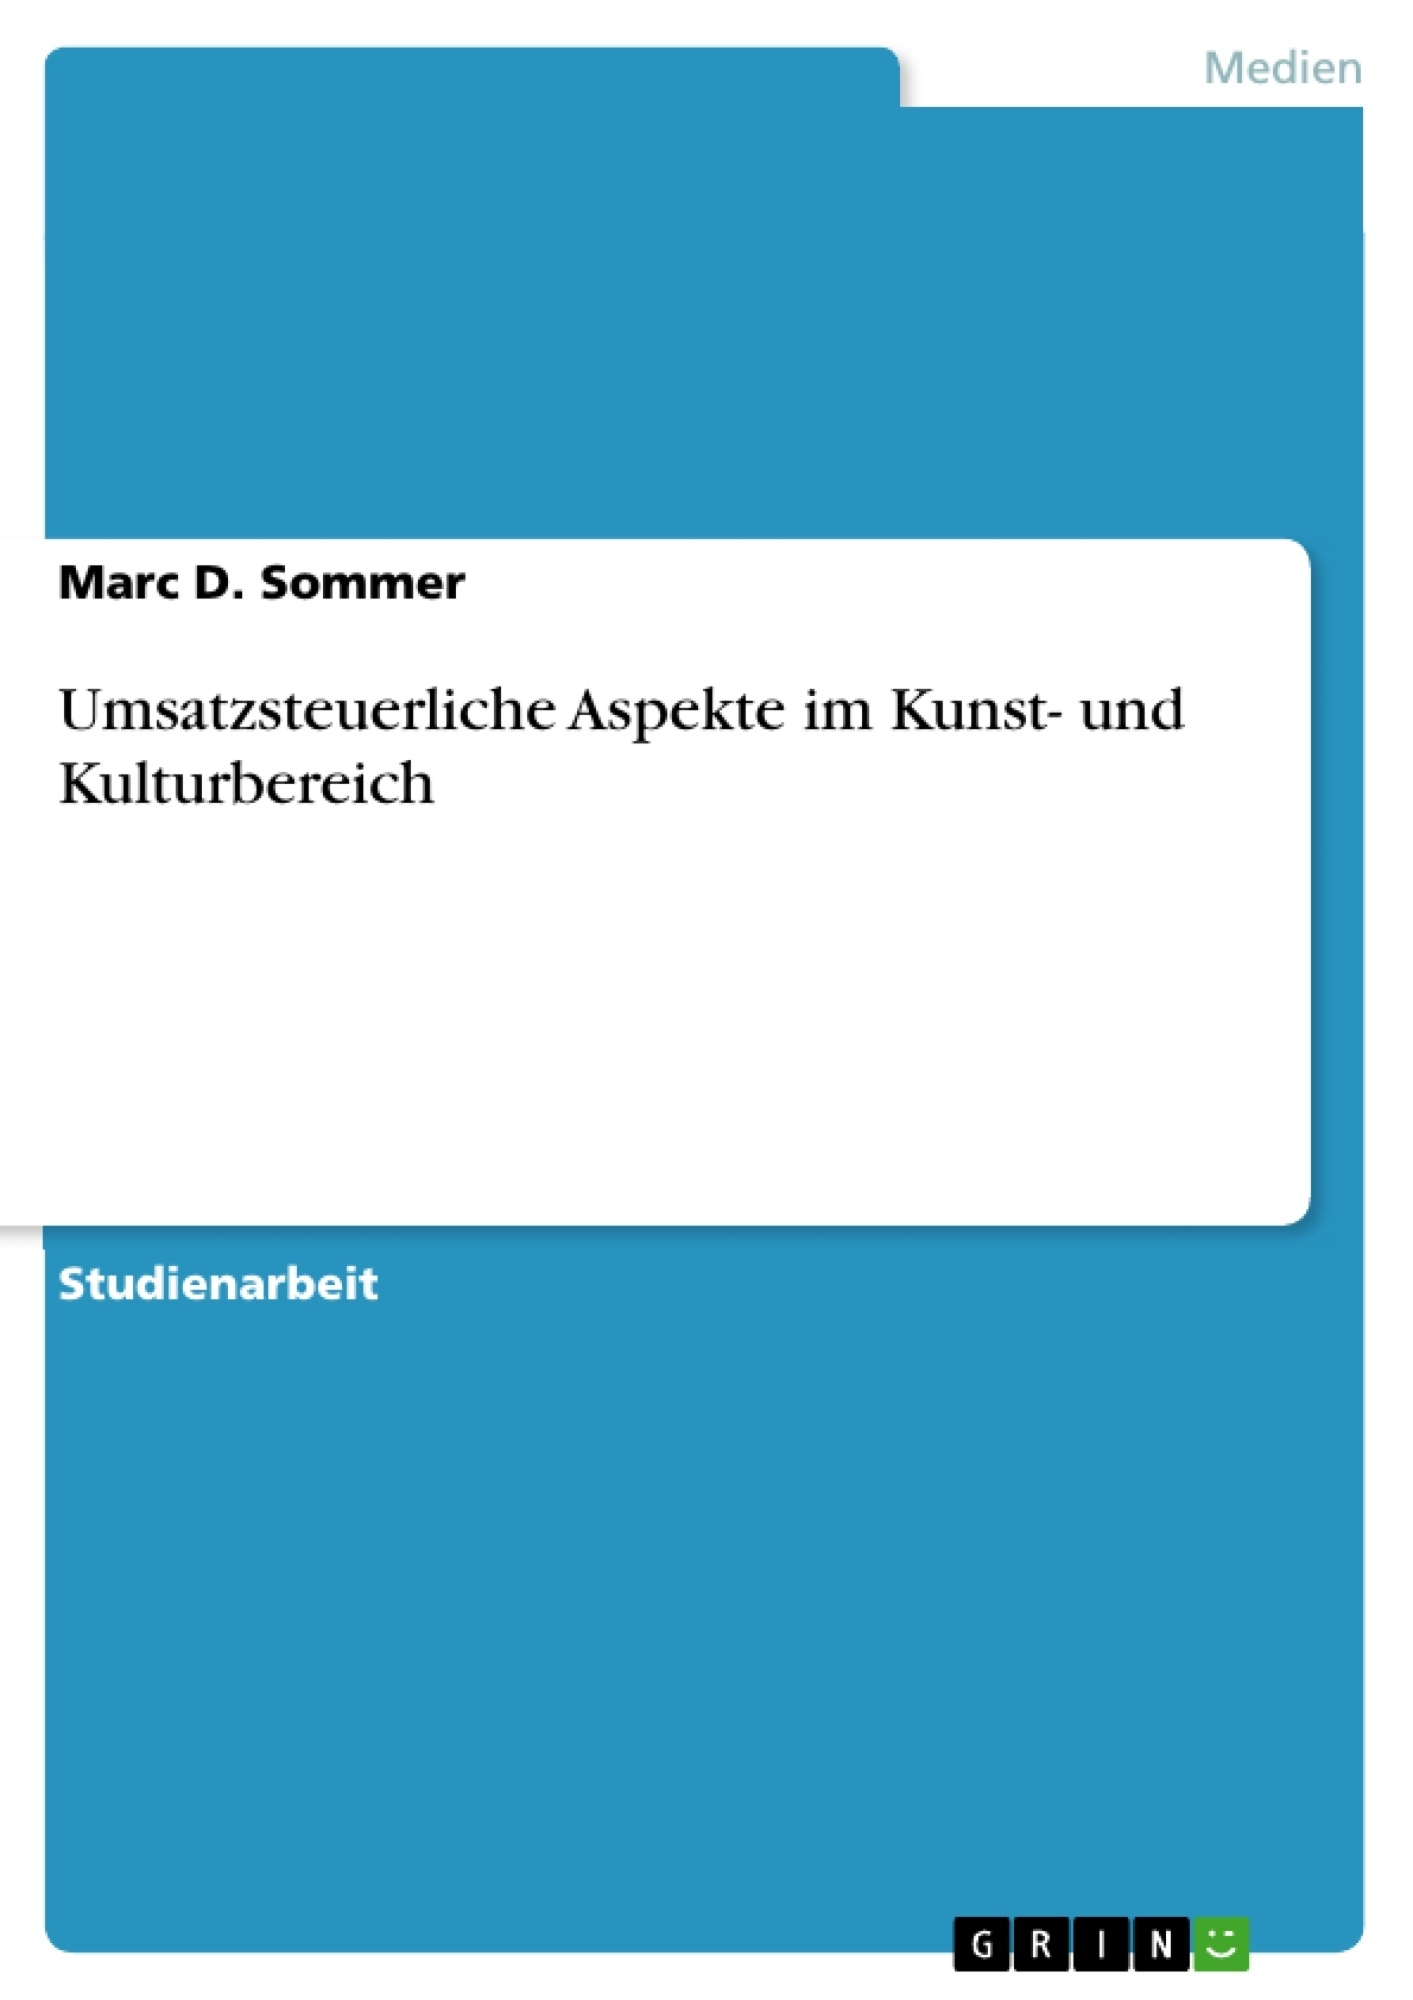 Titel: Umsatzsteuerliche Aspekte im Kunst- und Kulturbereich